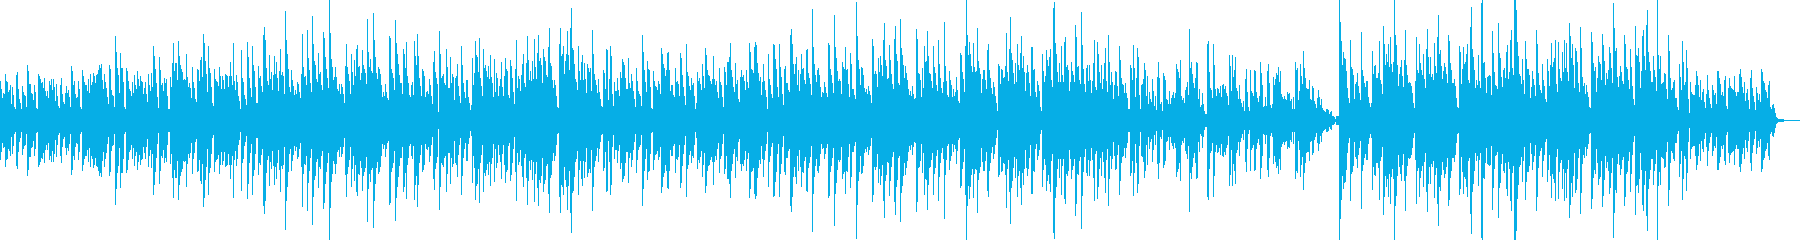 故郷をイメージしたBGMの再生済みの波形